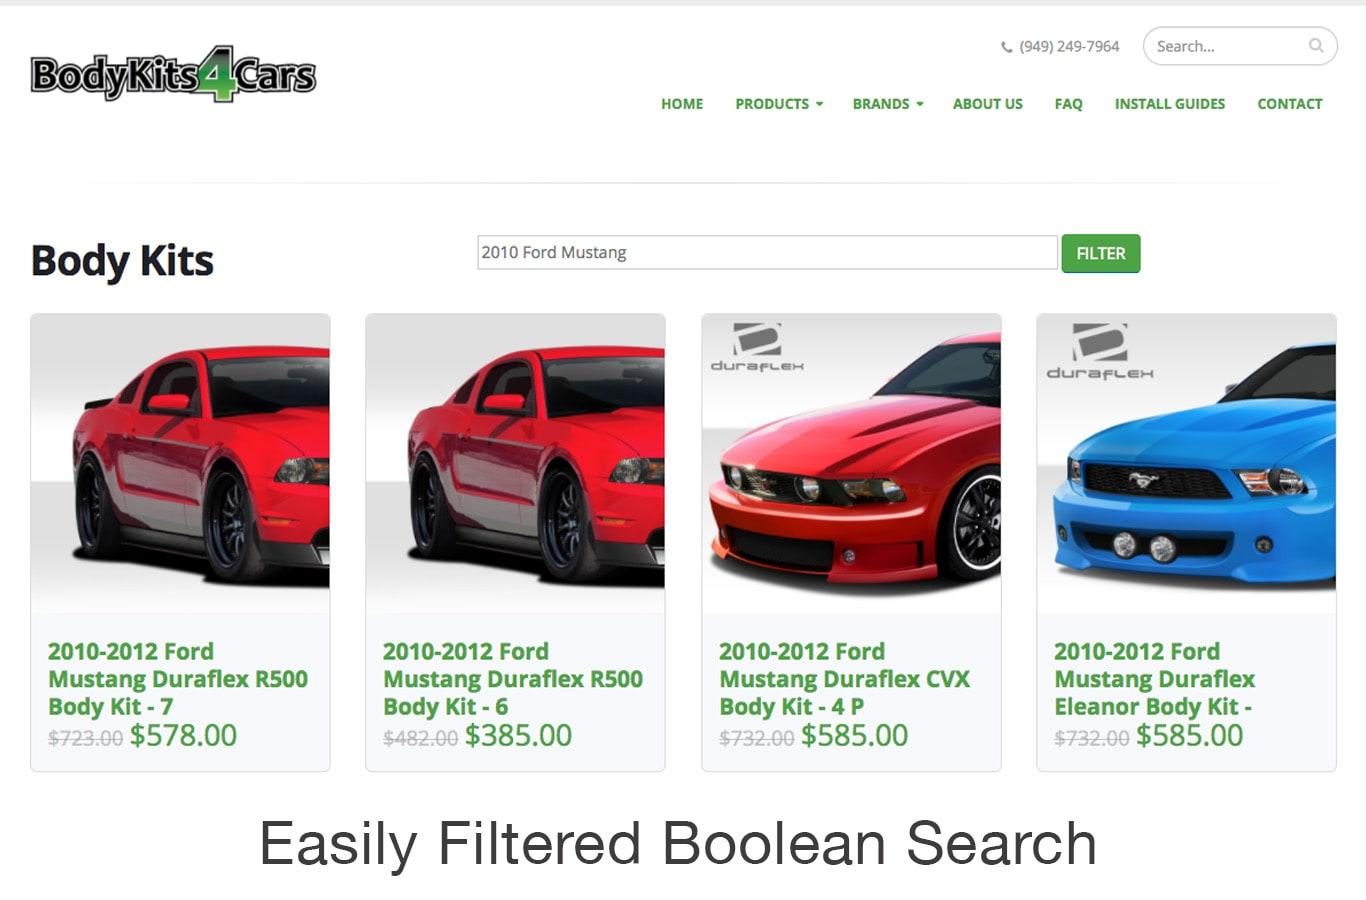 BodyKits 4 Cars